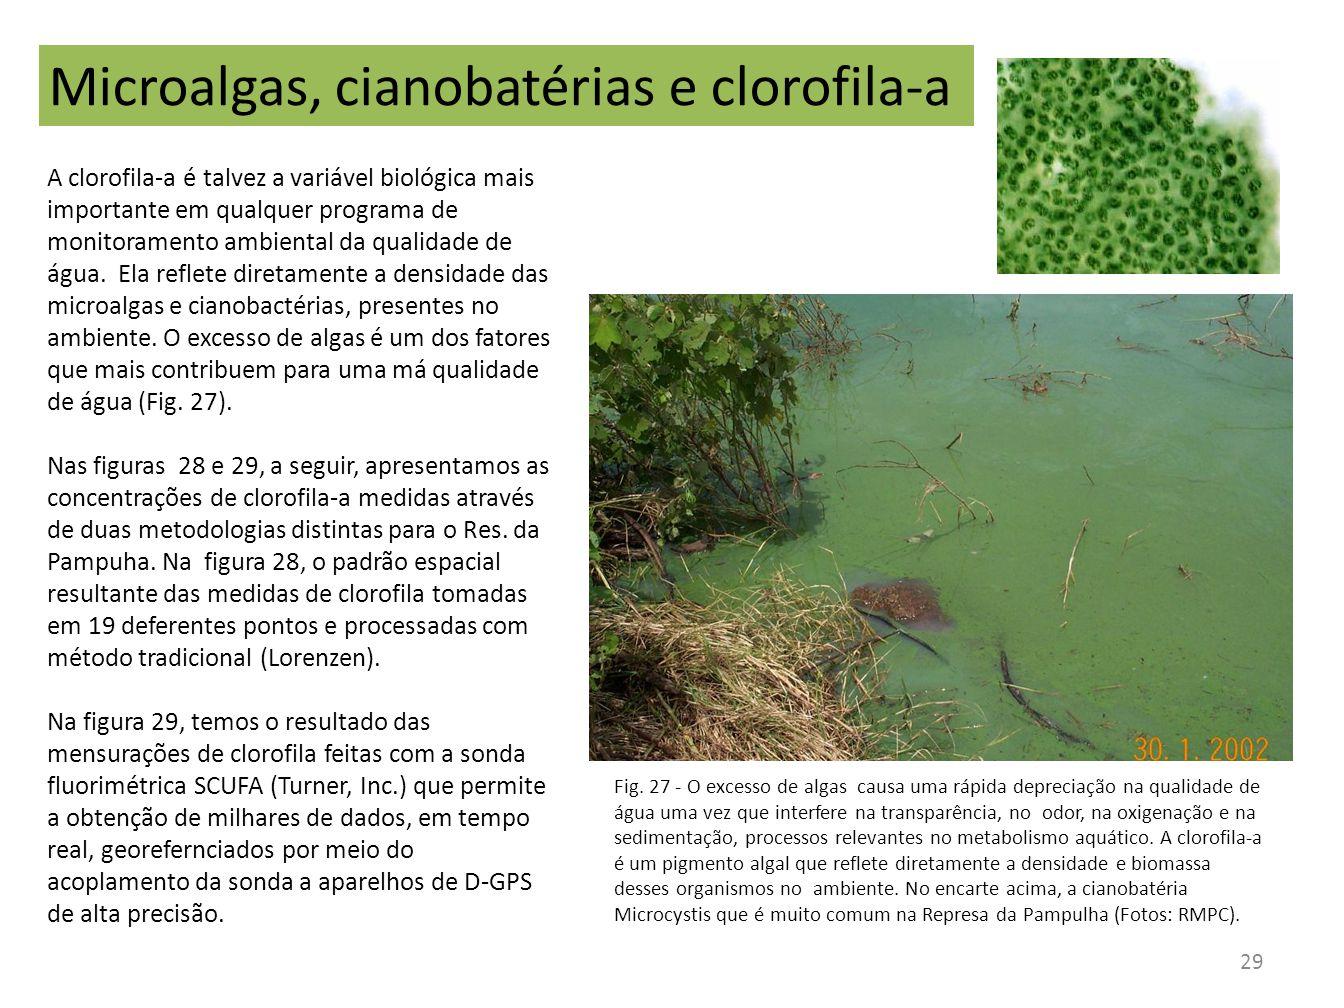 Microalgas, cianobatérias e clorofila-a